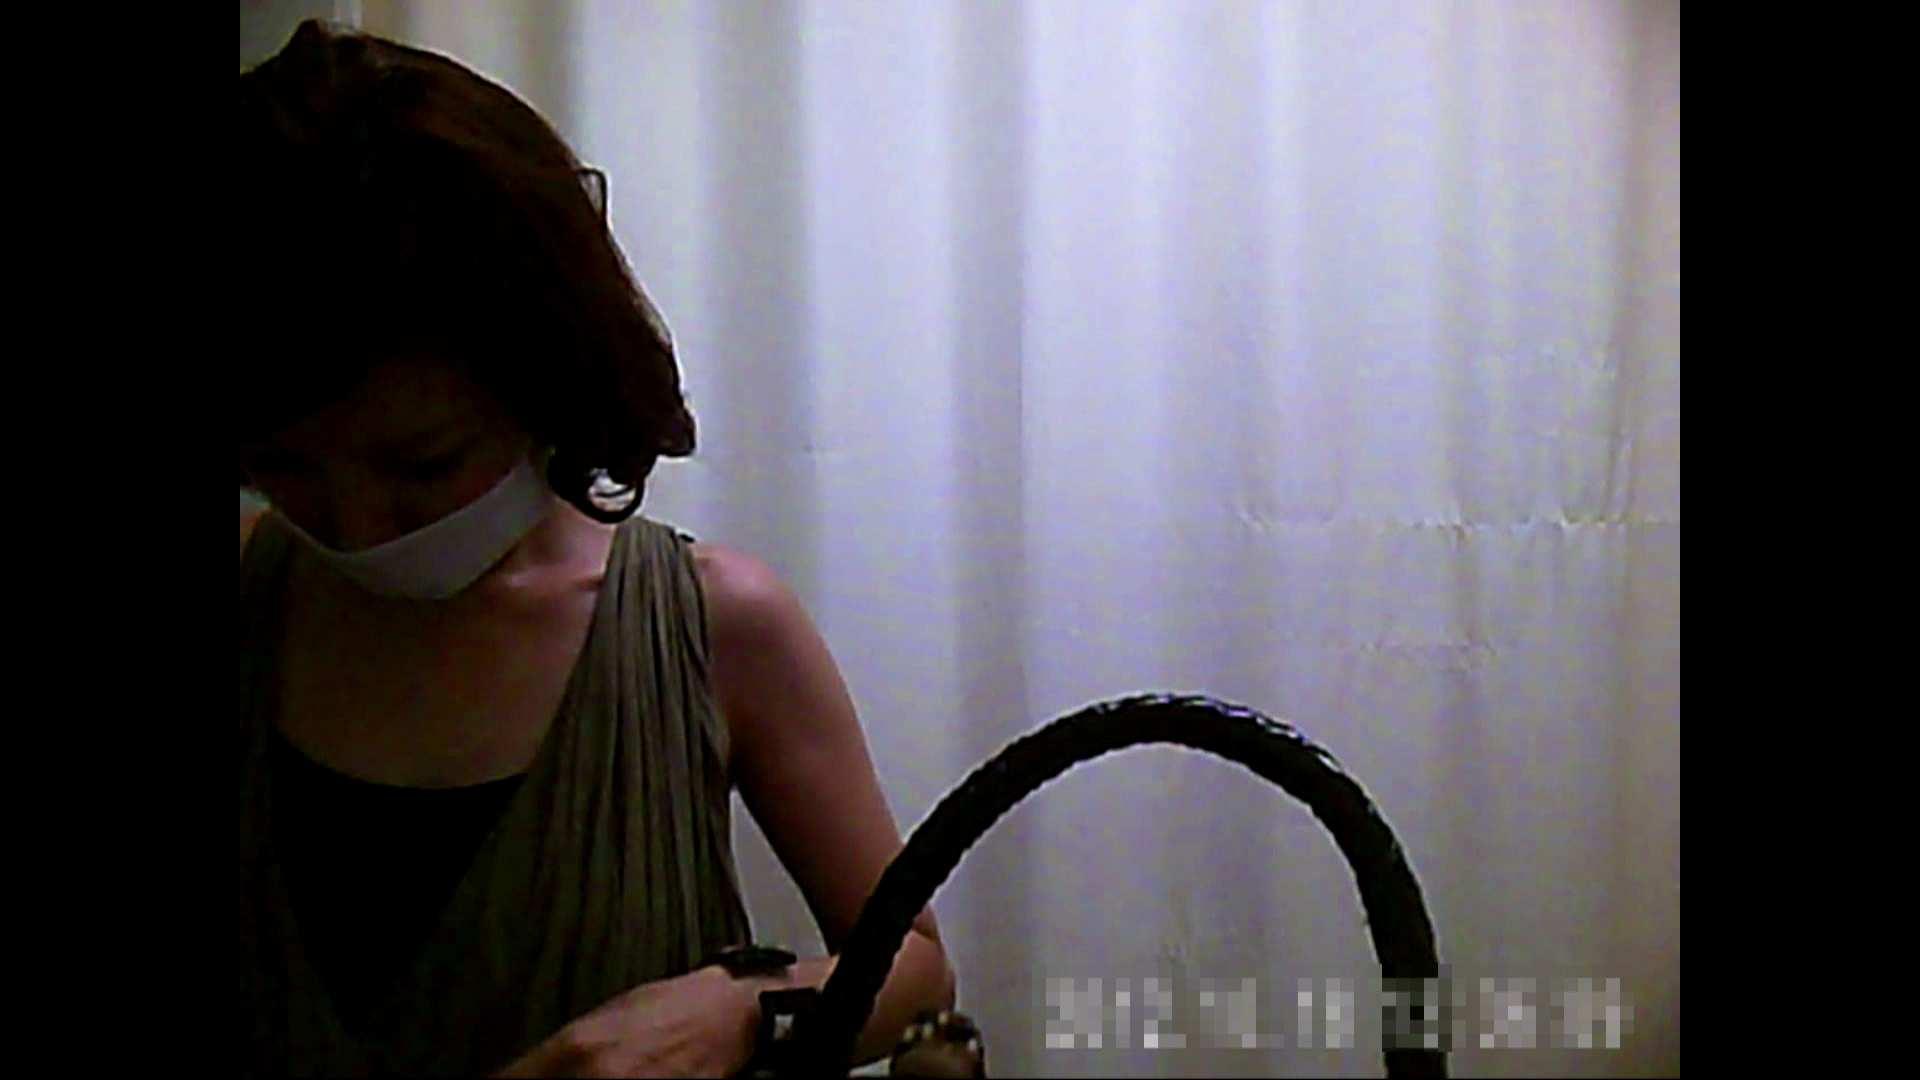 元医者による反抗 更衣室地獄絵巻 vol.052 OLハメ撮り  103Pix 31